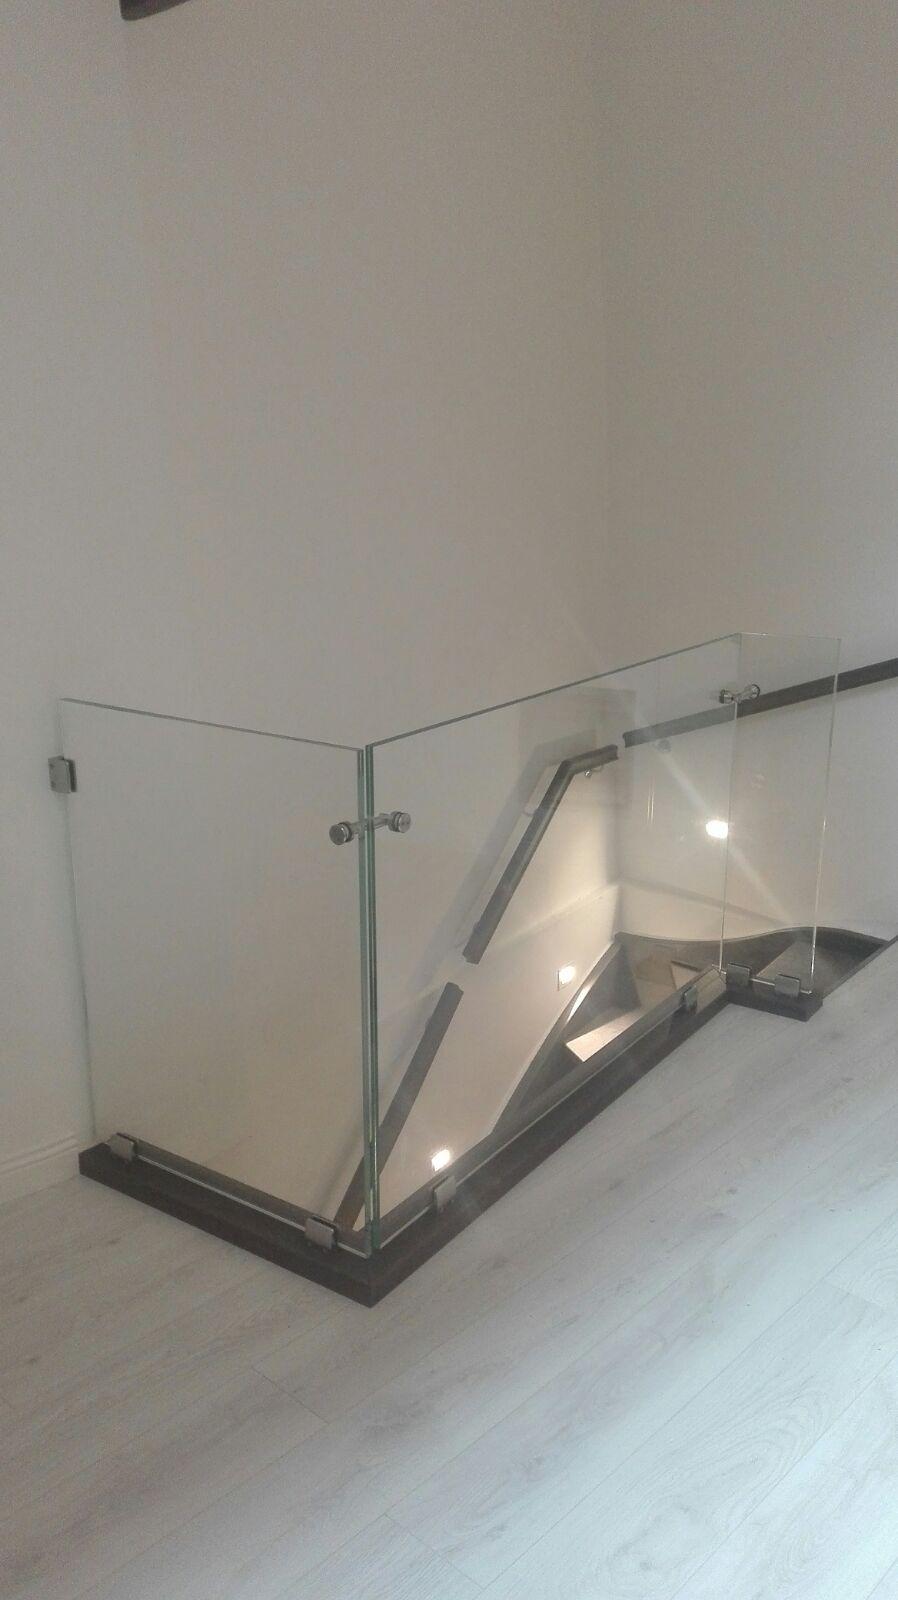 vetreria gottardi, parapetto, parapetto vetro, vetro, parapetto interno, parapetto scala, parapetto a vista, verniciatura, verniciato nero, borchie